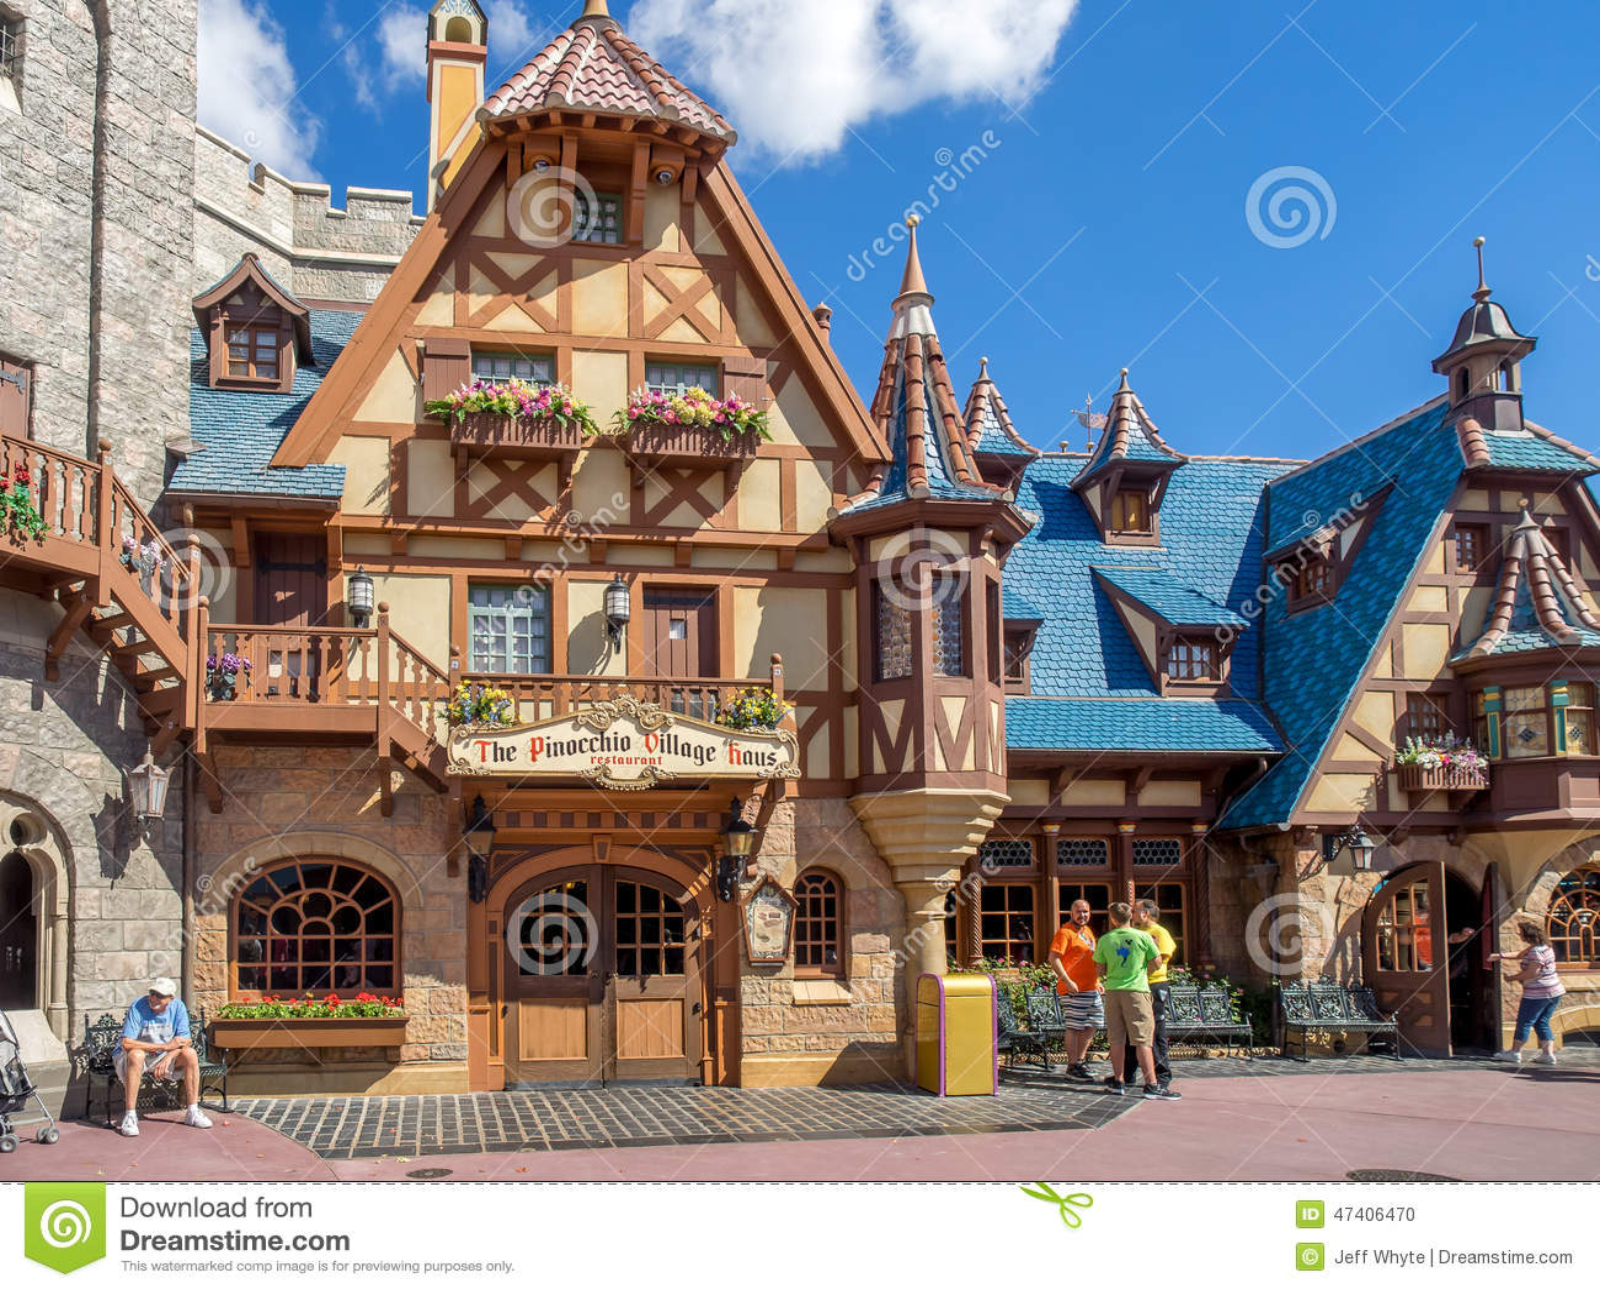 Fantasyland Disney World Editorial Image Image Of Land